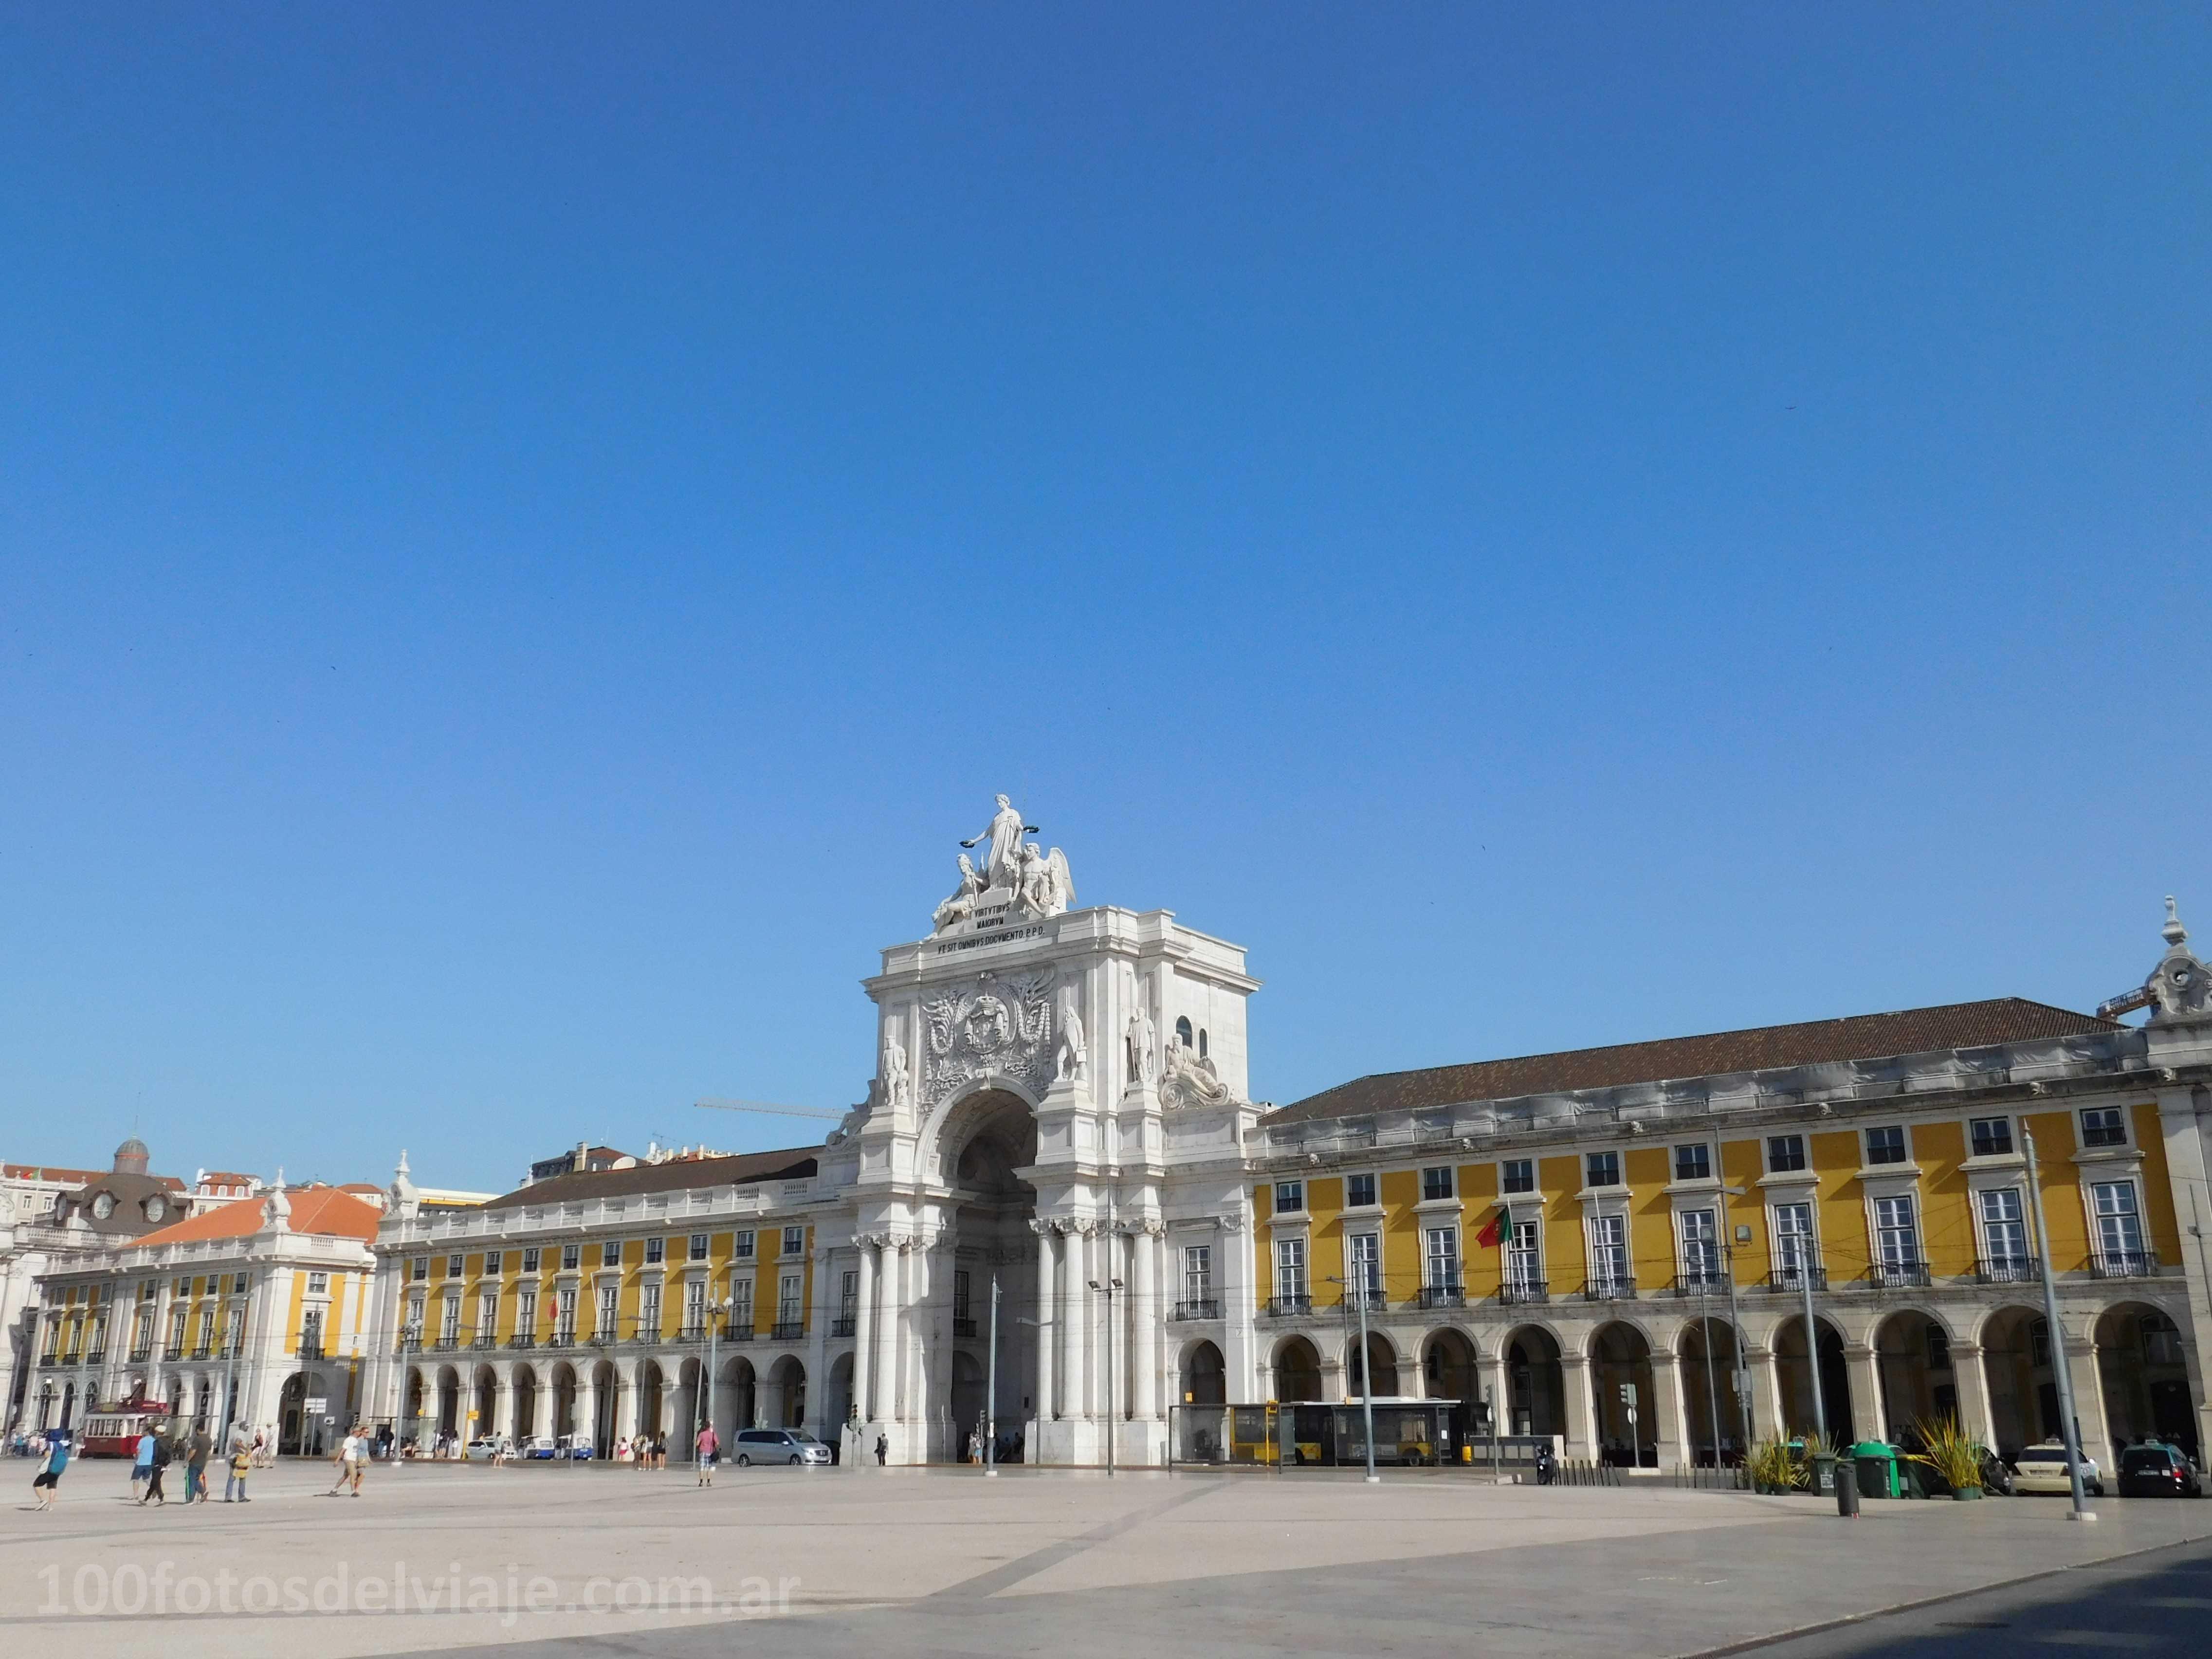 Plaza do Comercio